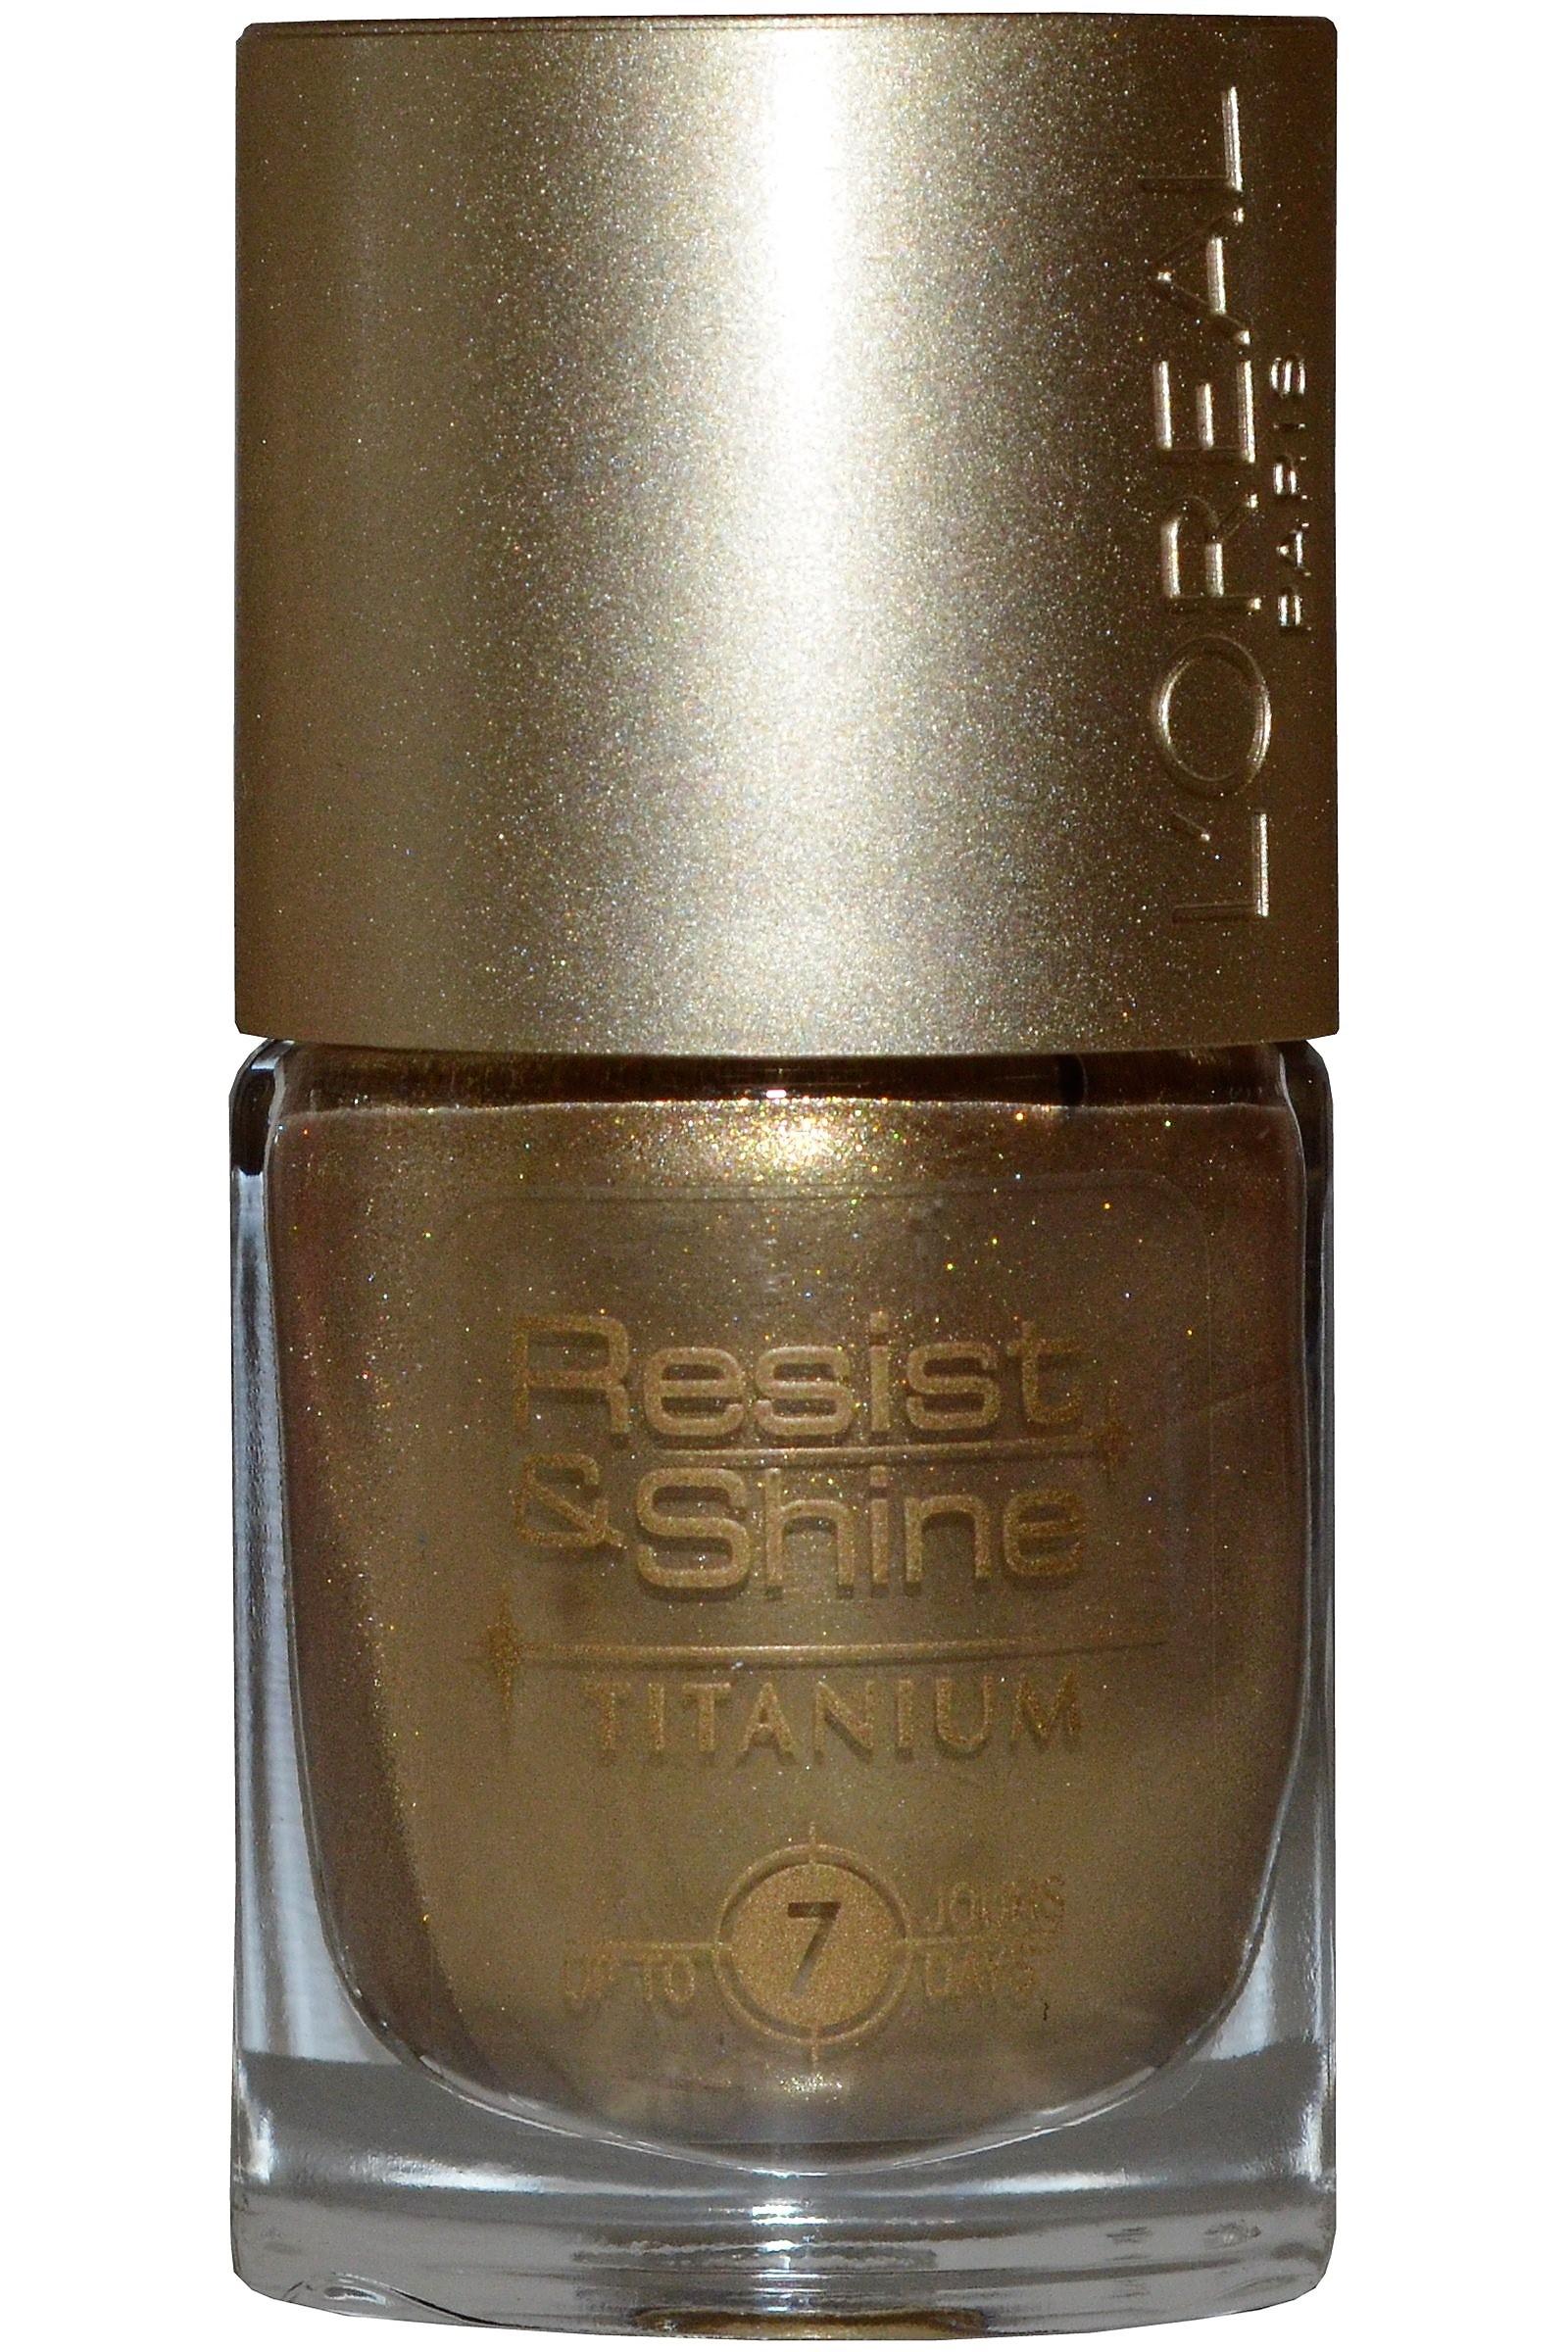 L Oreal Resist & Shine Titanium Nail Polish 9ml #739